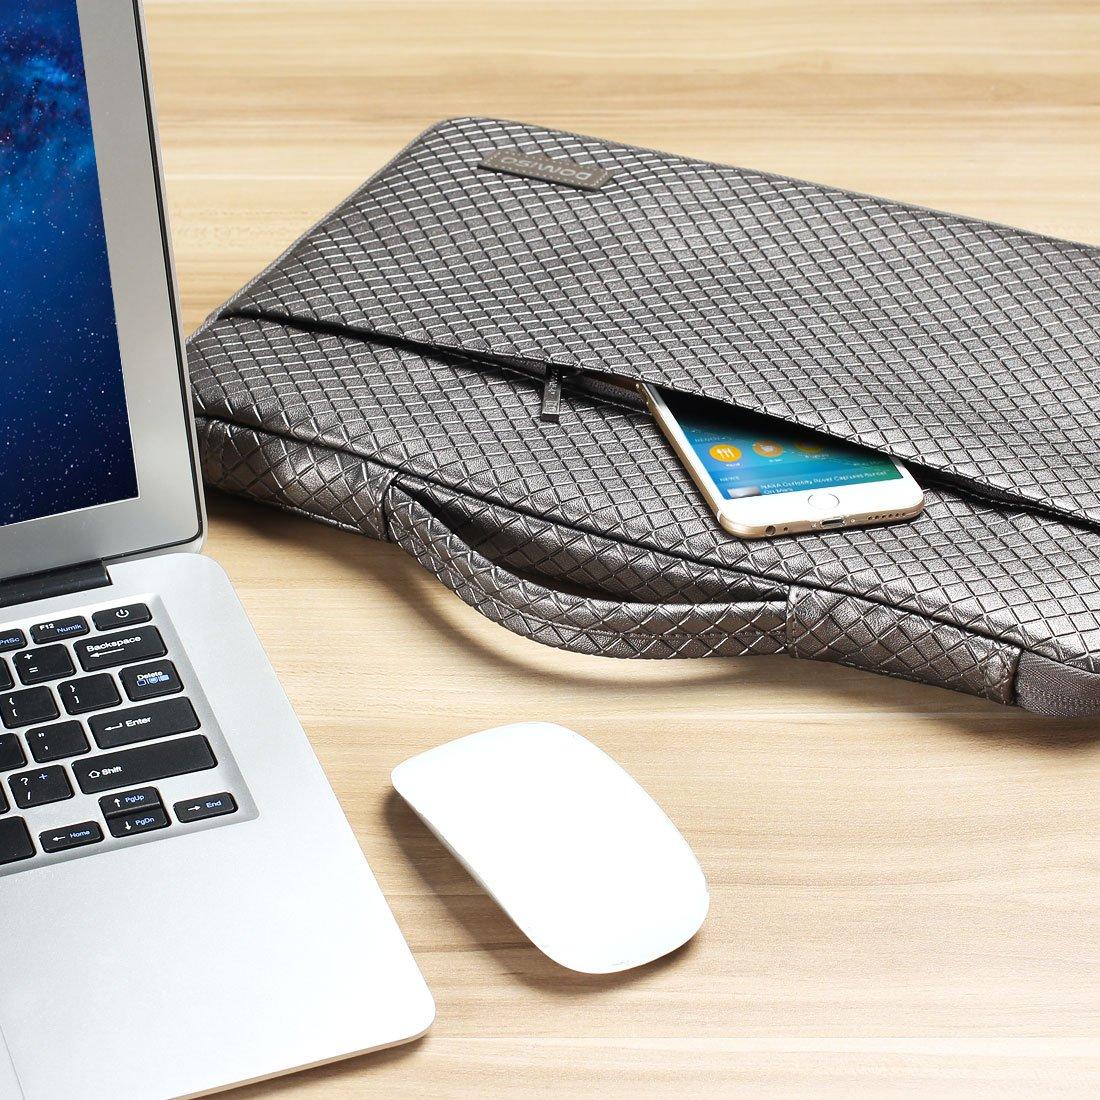 Lenovo IdeaPad ThinkPad//Acer Aspire 5 3 Spin 5 DELL//ASUS con Mango Gris Plateado DOMISO 15-15,6 Pulgadas Funda Resistente al Agua para Ordenador Port/átil//Apple HP Pavilion 15 Envy 15